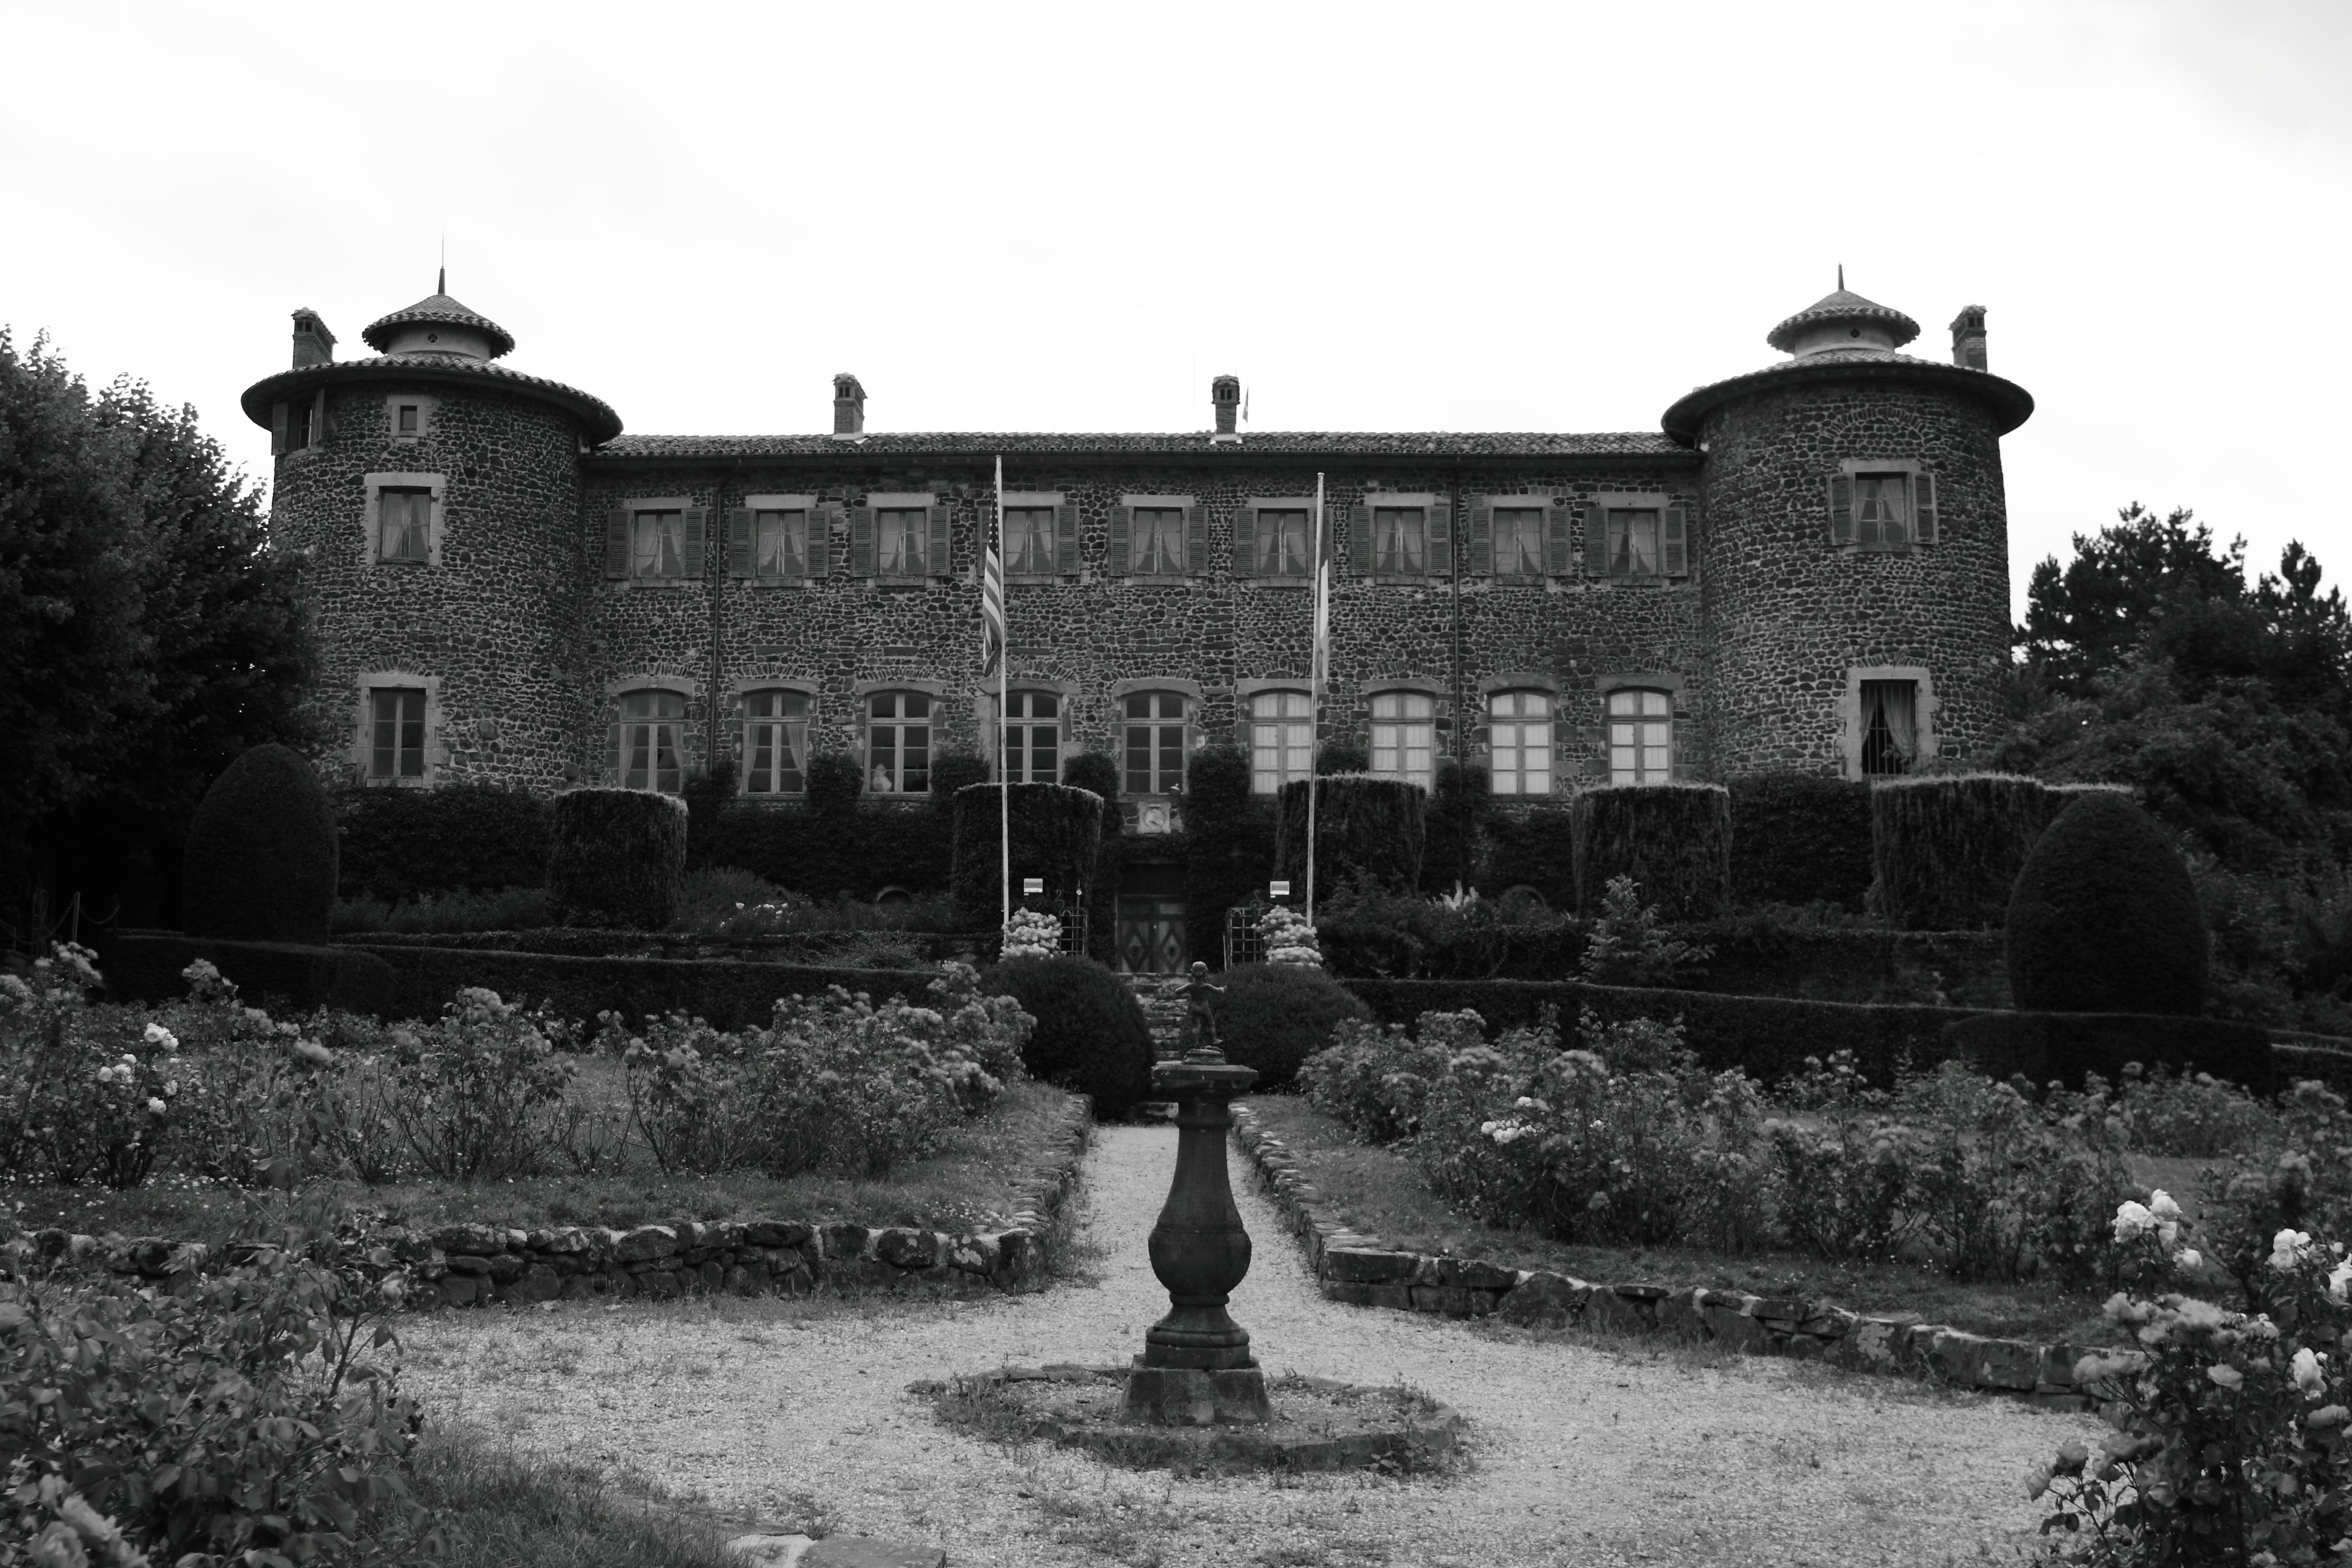 Marquis de ss bondage castle